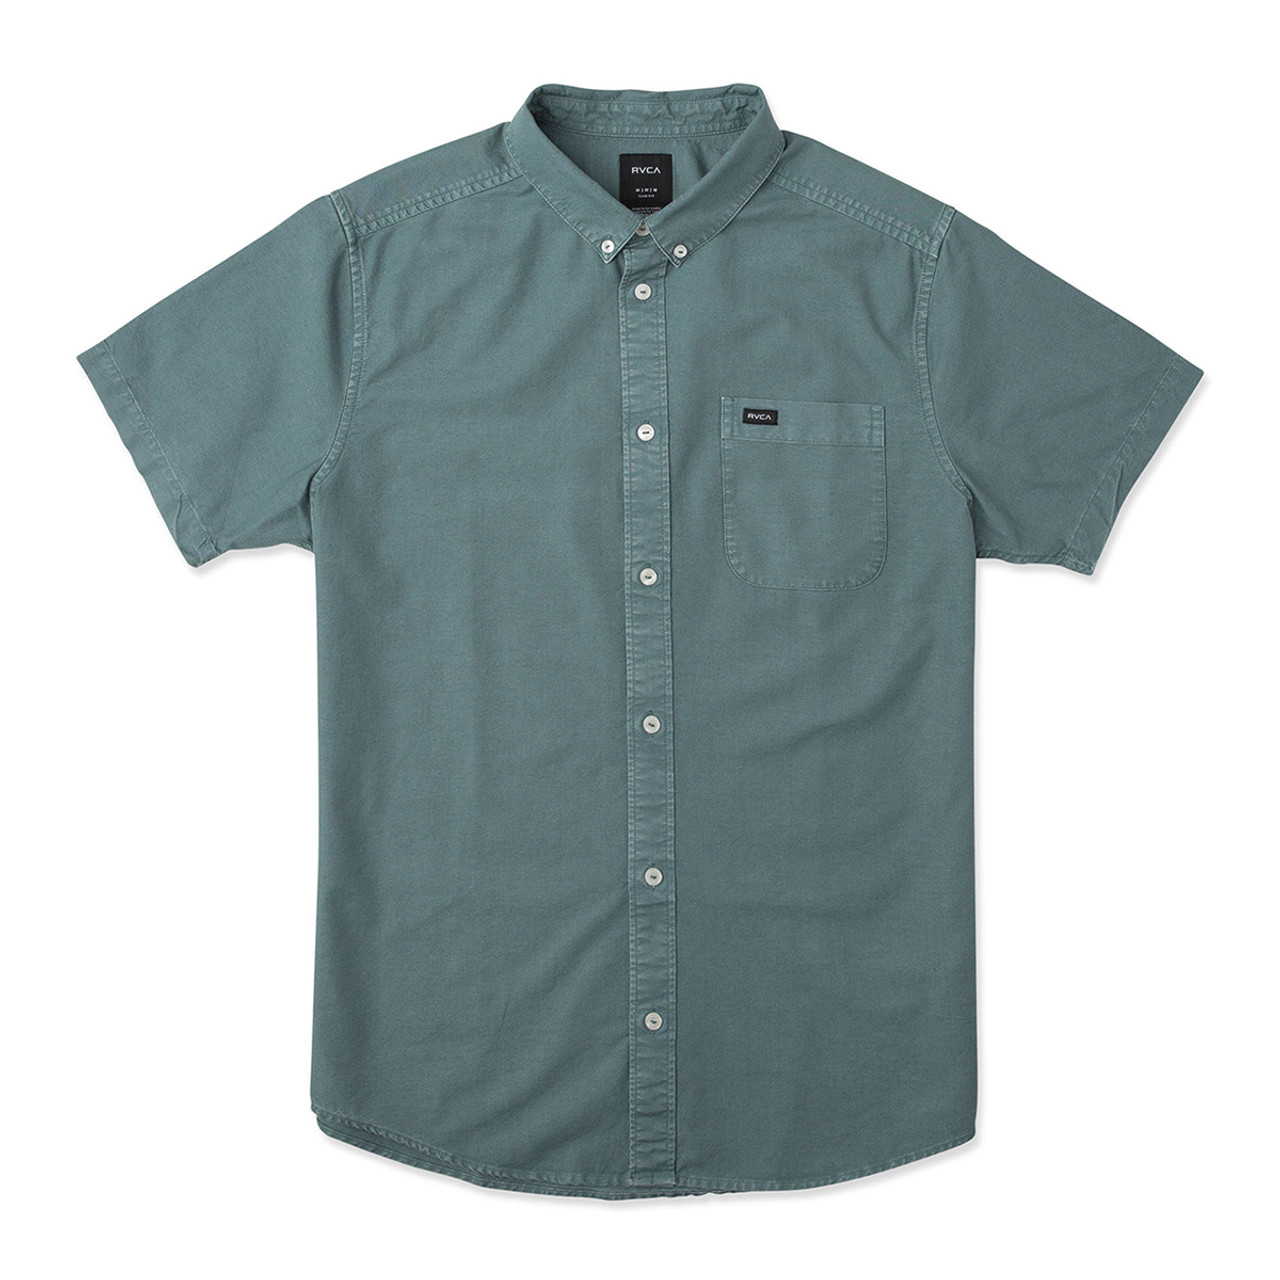 RVCA Mens Thatll Butter Short Sleeve Woven Button Front Shirt